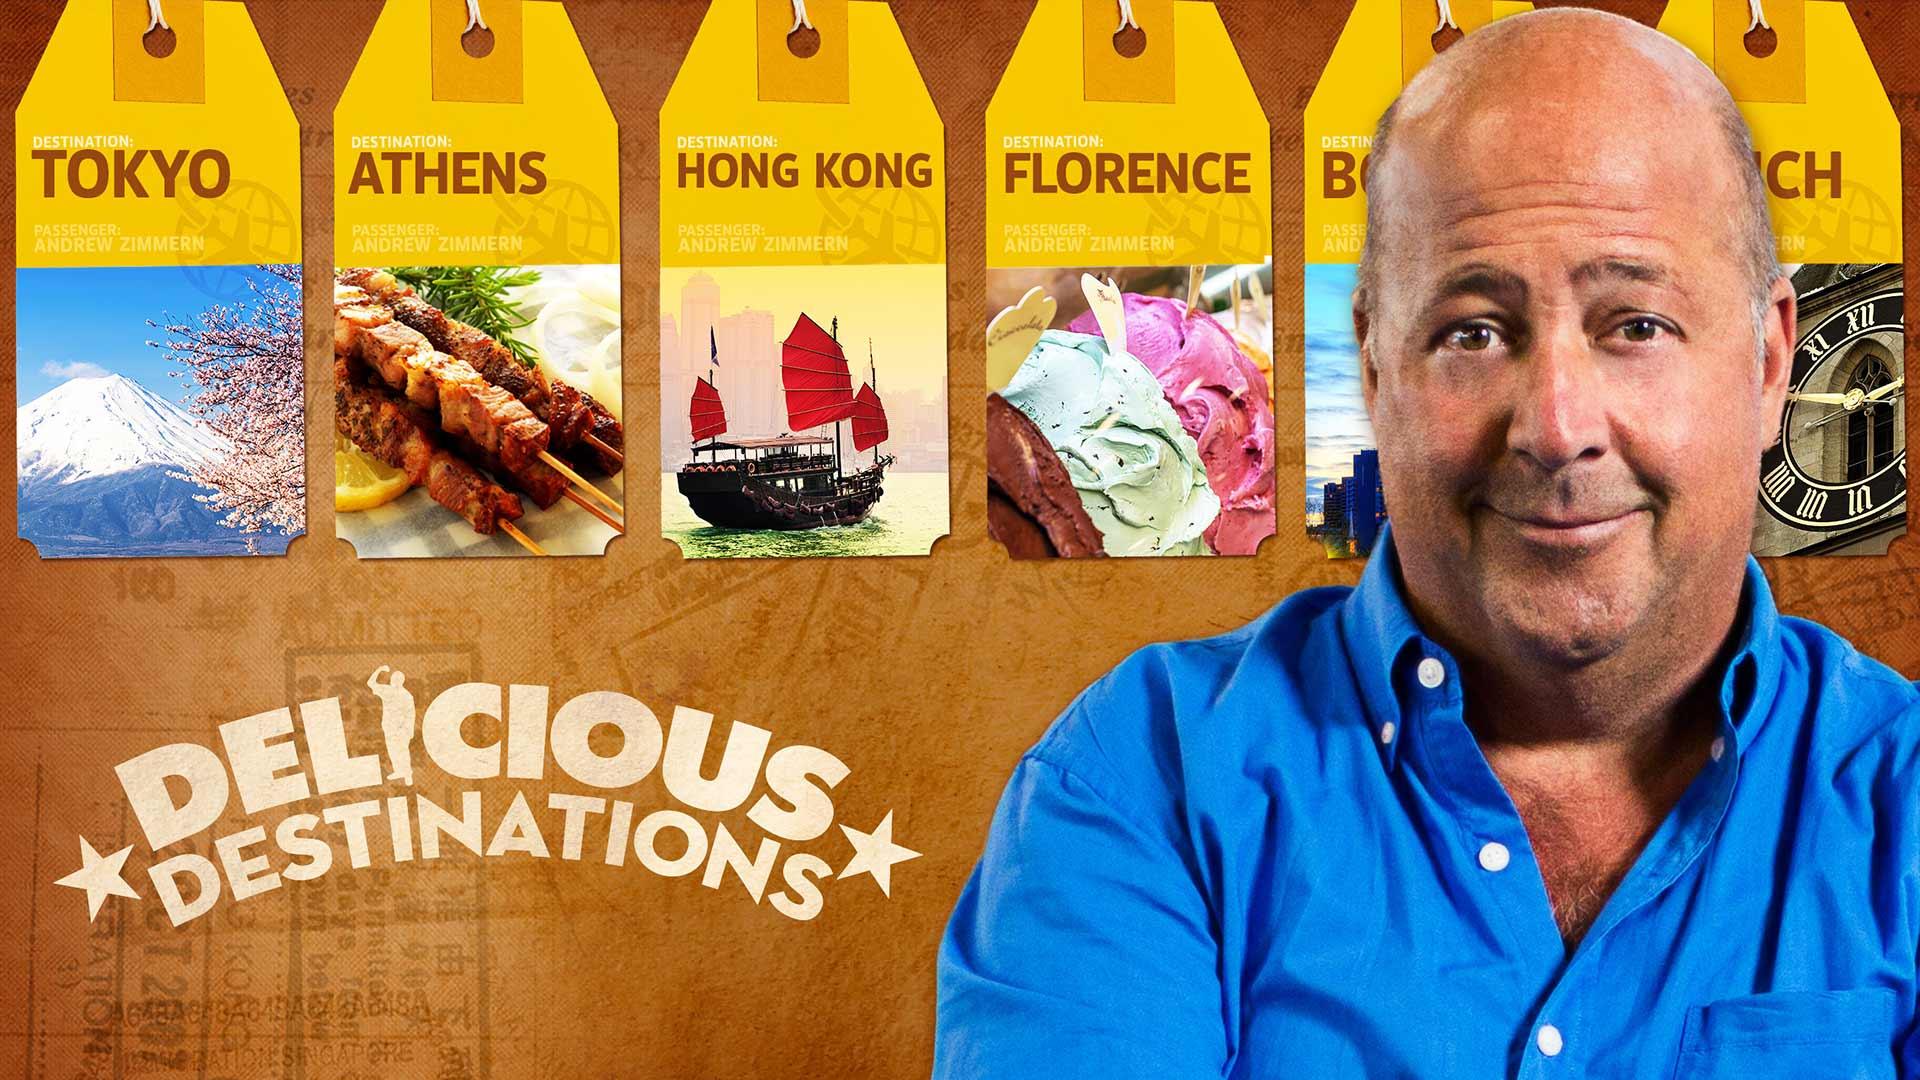 Bizarre Foods: Delicious Destinations Season 1Bizarre Foods: Delicious Destinations Season 1